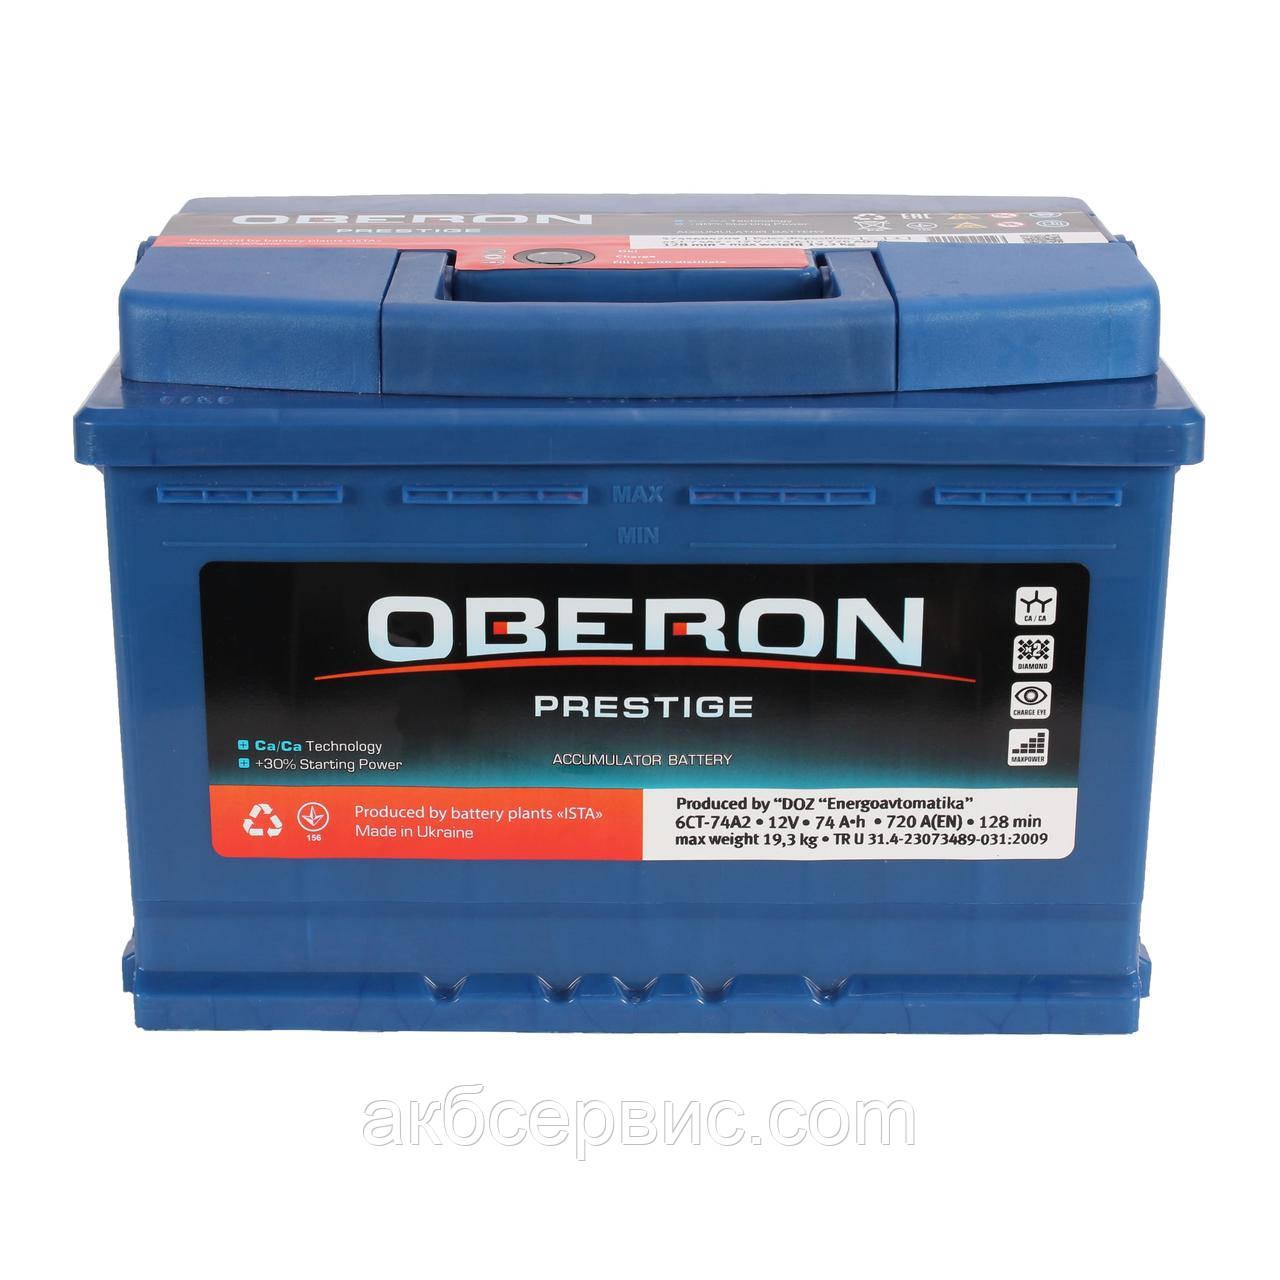 Аккумулятор автомобильный Oberon 6СТ-74 AзE Prestige